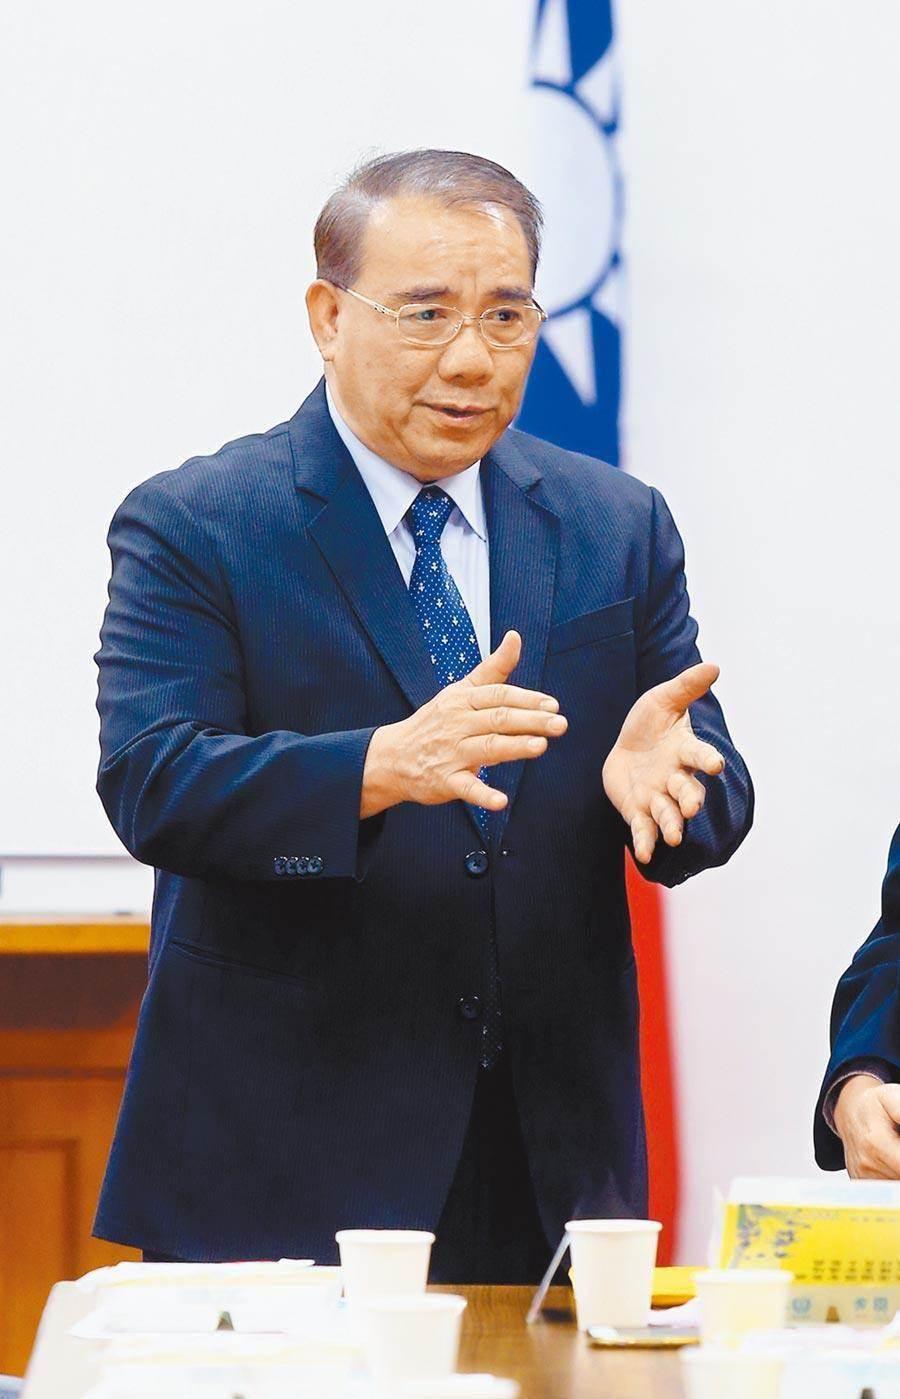 立委廖國棟資料照片